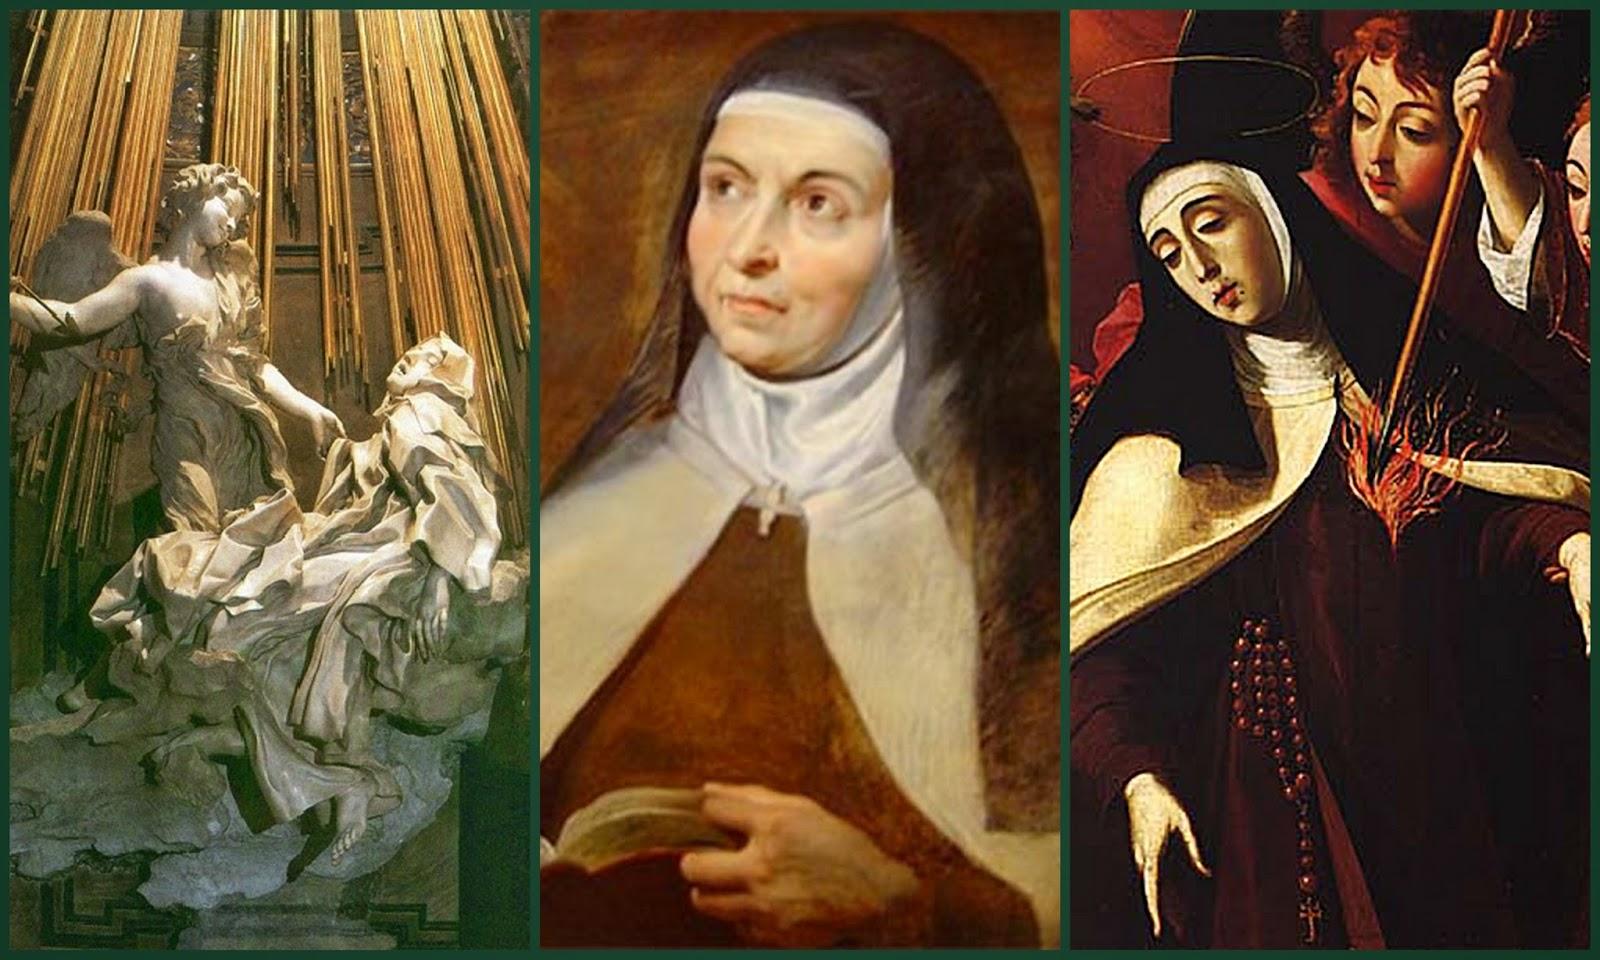 Renacimiento cristiano, Poesía religiosa, Barroco escultórico